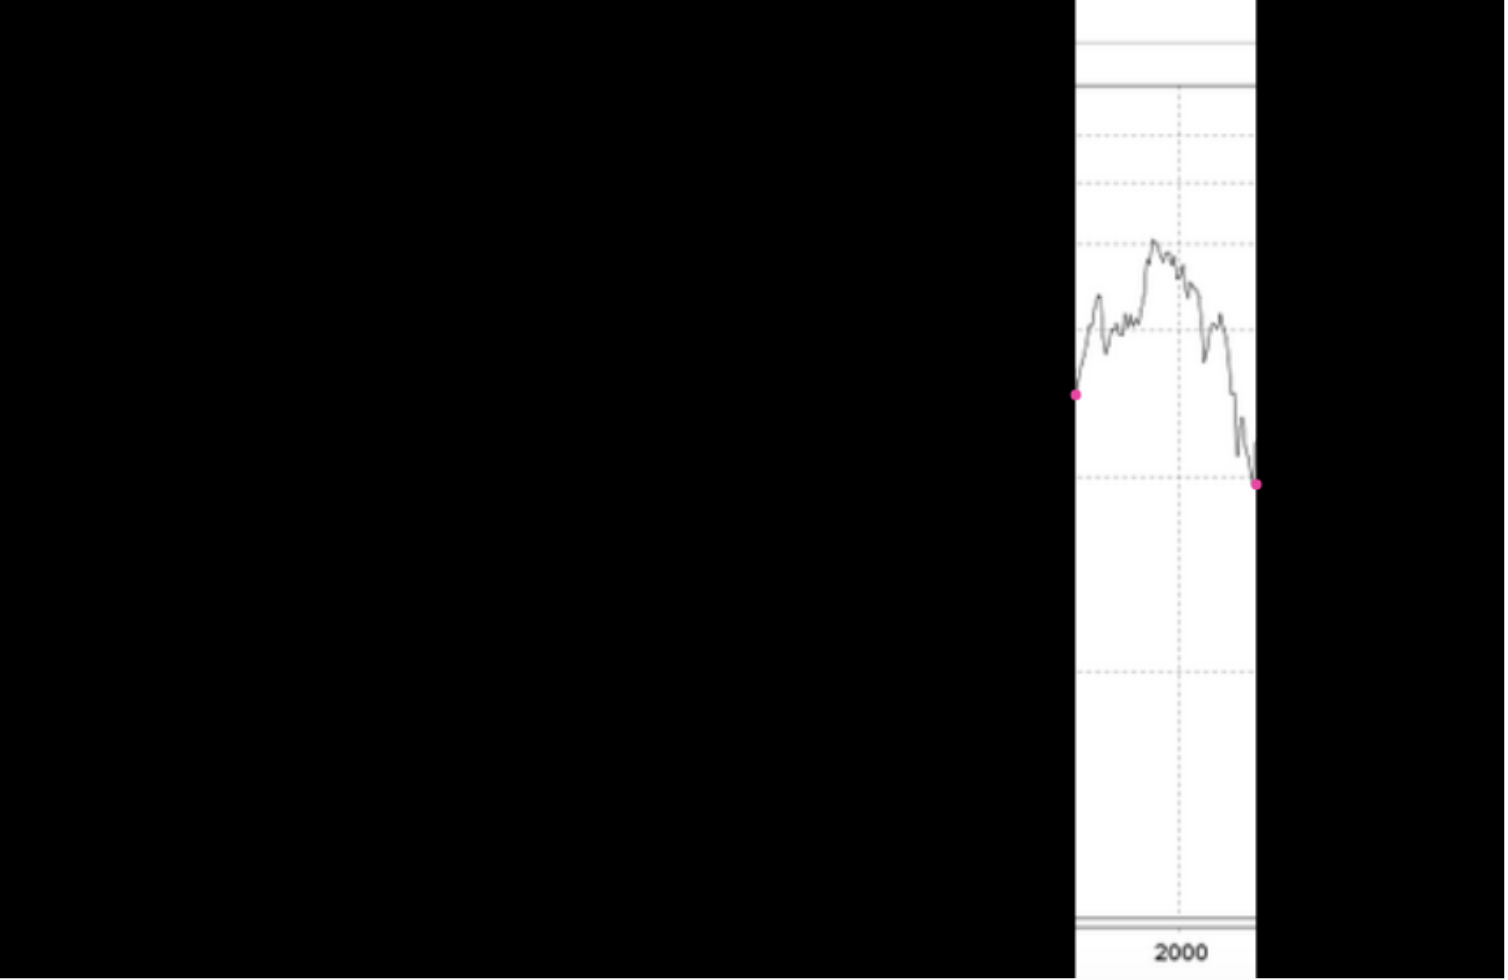 Investment für 5 Jahre:   Auch die mit etwas mehr Geduld hätten dumm aus der Wäsche geguckt, wenn sie lediglich für 5 Jahre investiert hätten und am tiefsten Punkt ausgestiegen wären. Der Verlust wäre zwar nicht mehr ganz so schlimm wie nach 2 Jahren; ein saftiger Verlust wäre es dennoch gewesen.  Gutes Investment? Nope.